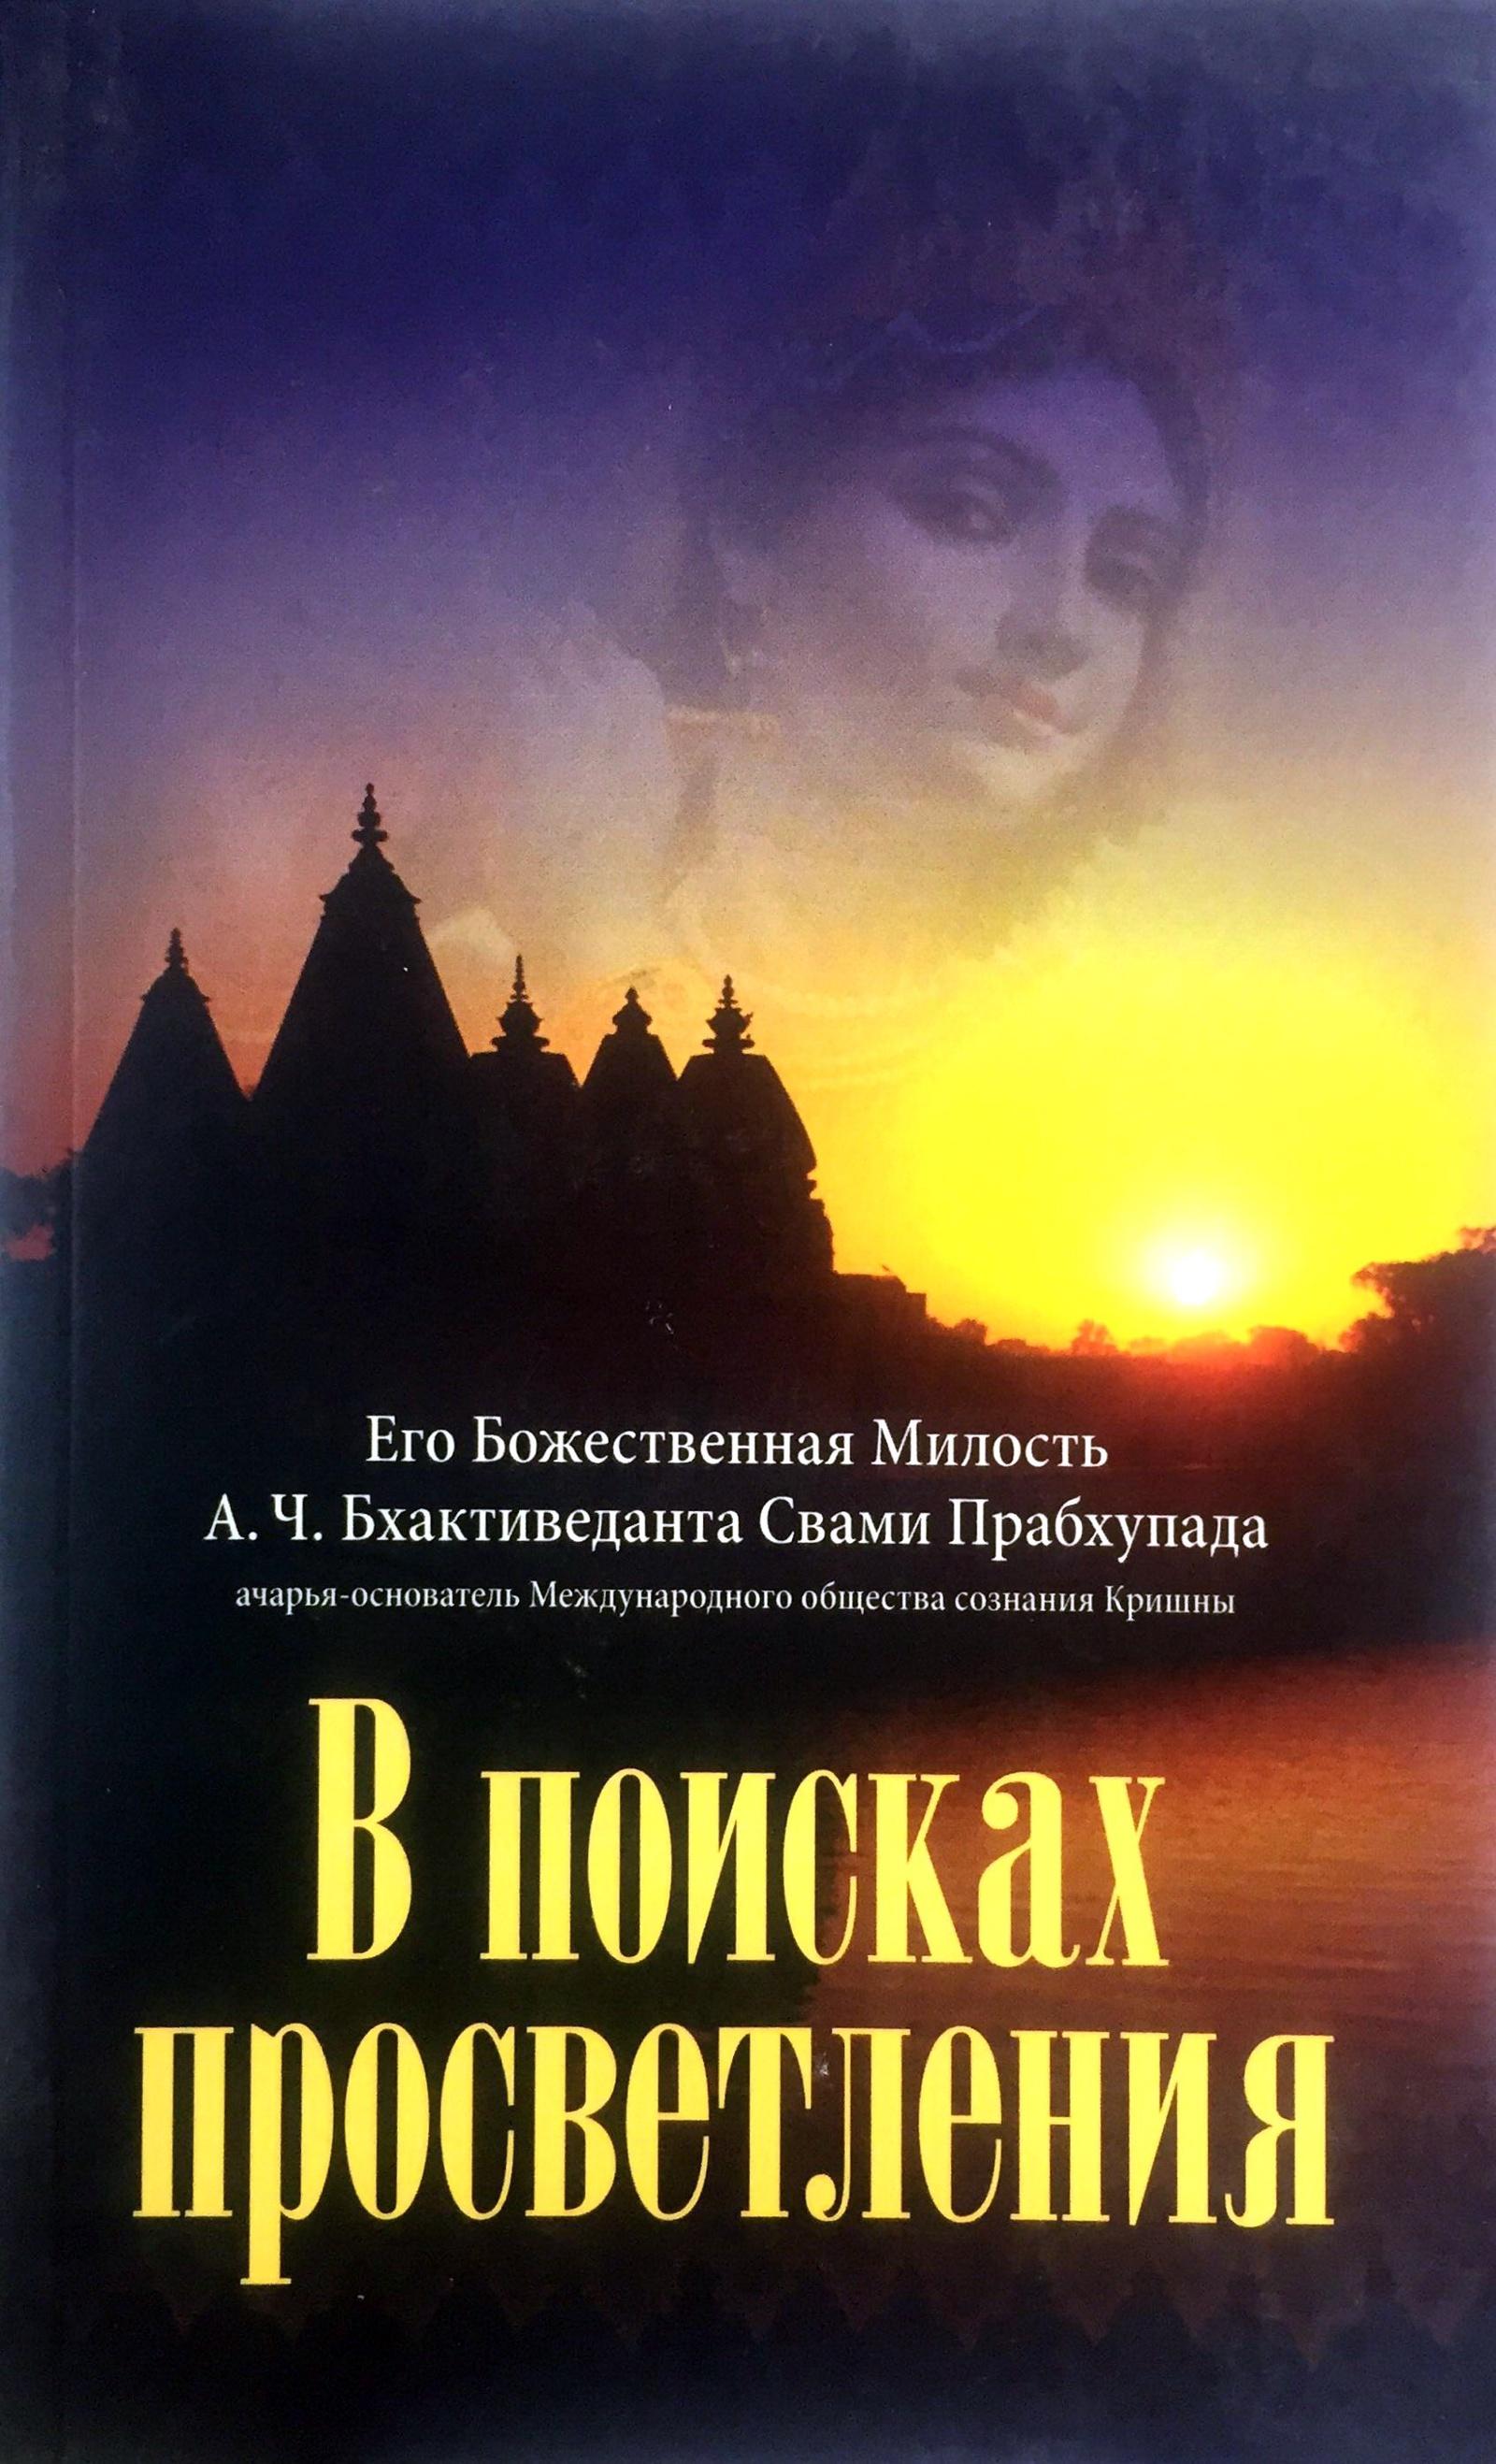 Бхактиведанта Свами Прабхупада А.Ч. В поисках просветления игорь кара стратегия духовного пути книга 1 самовоспитание ведическая традиция